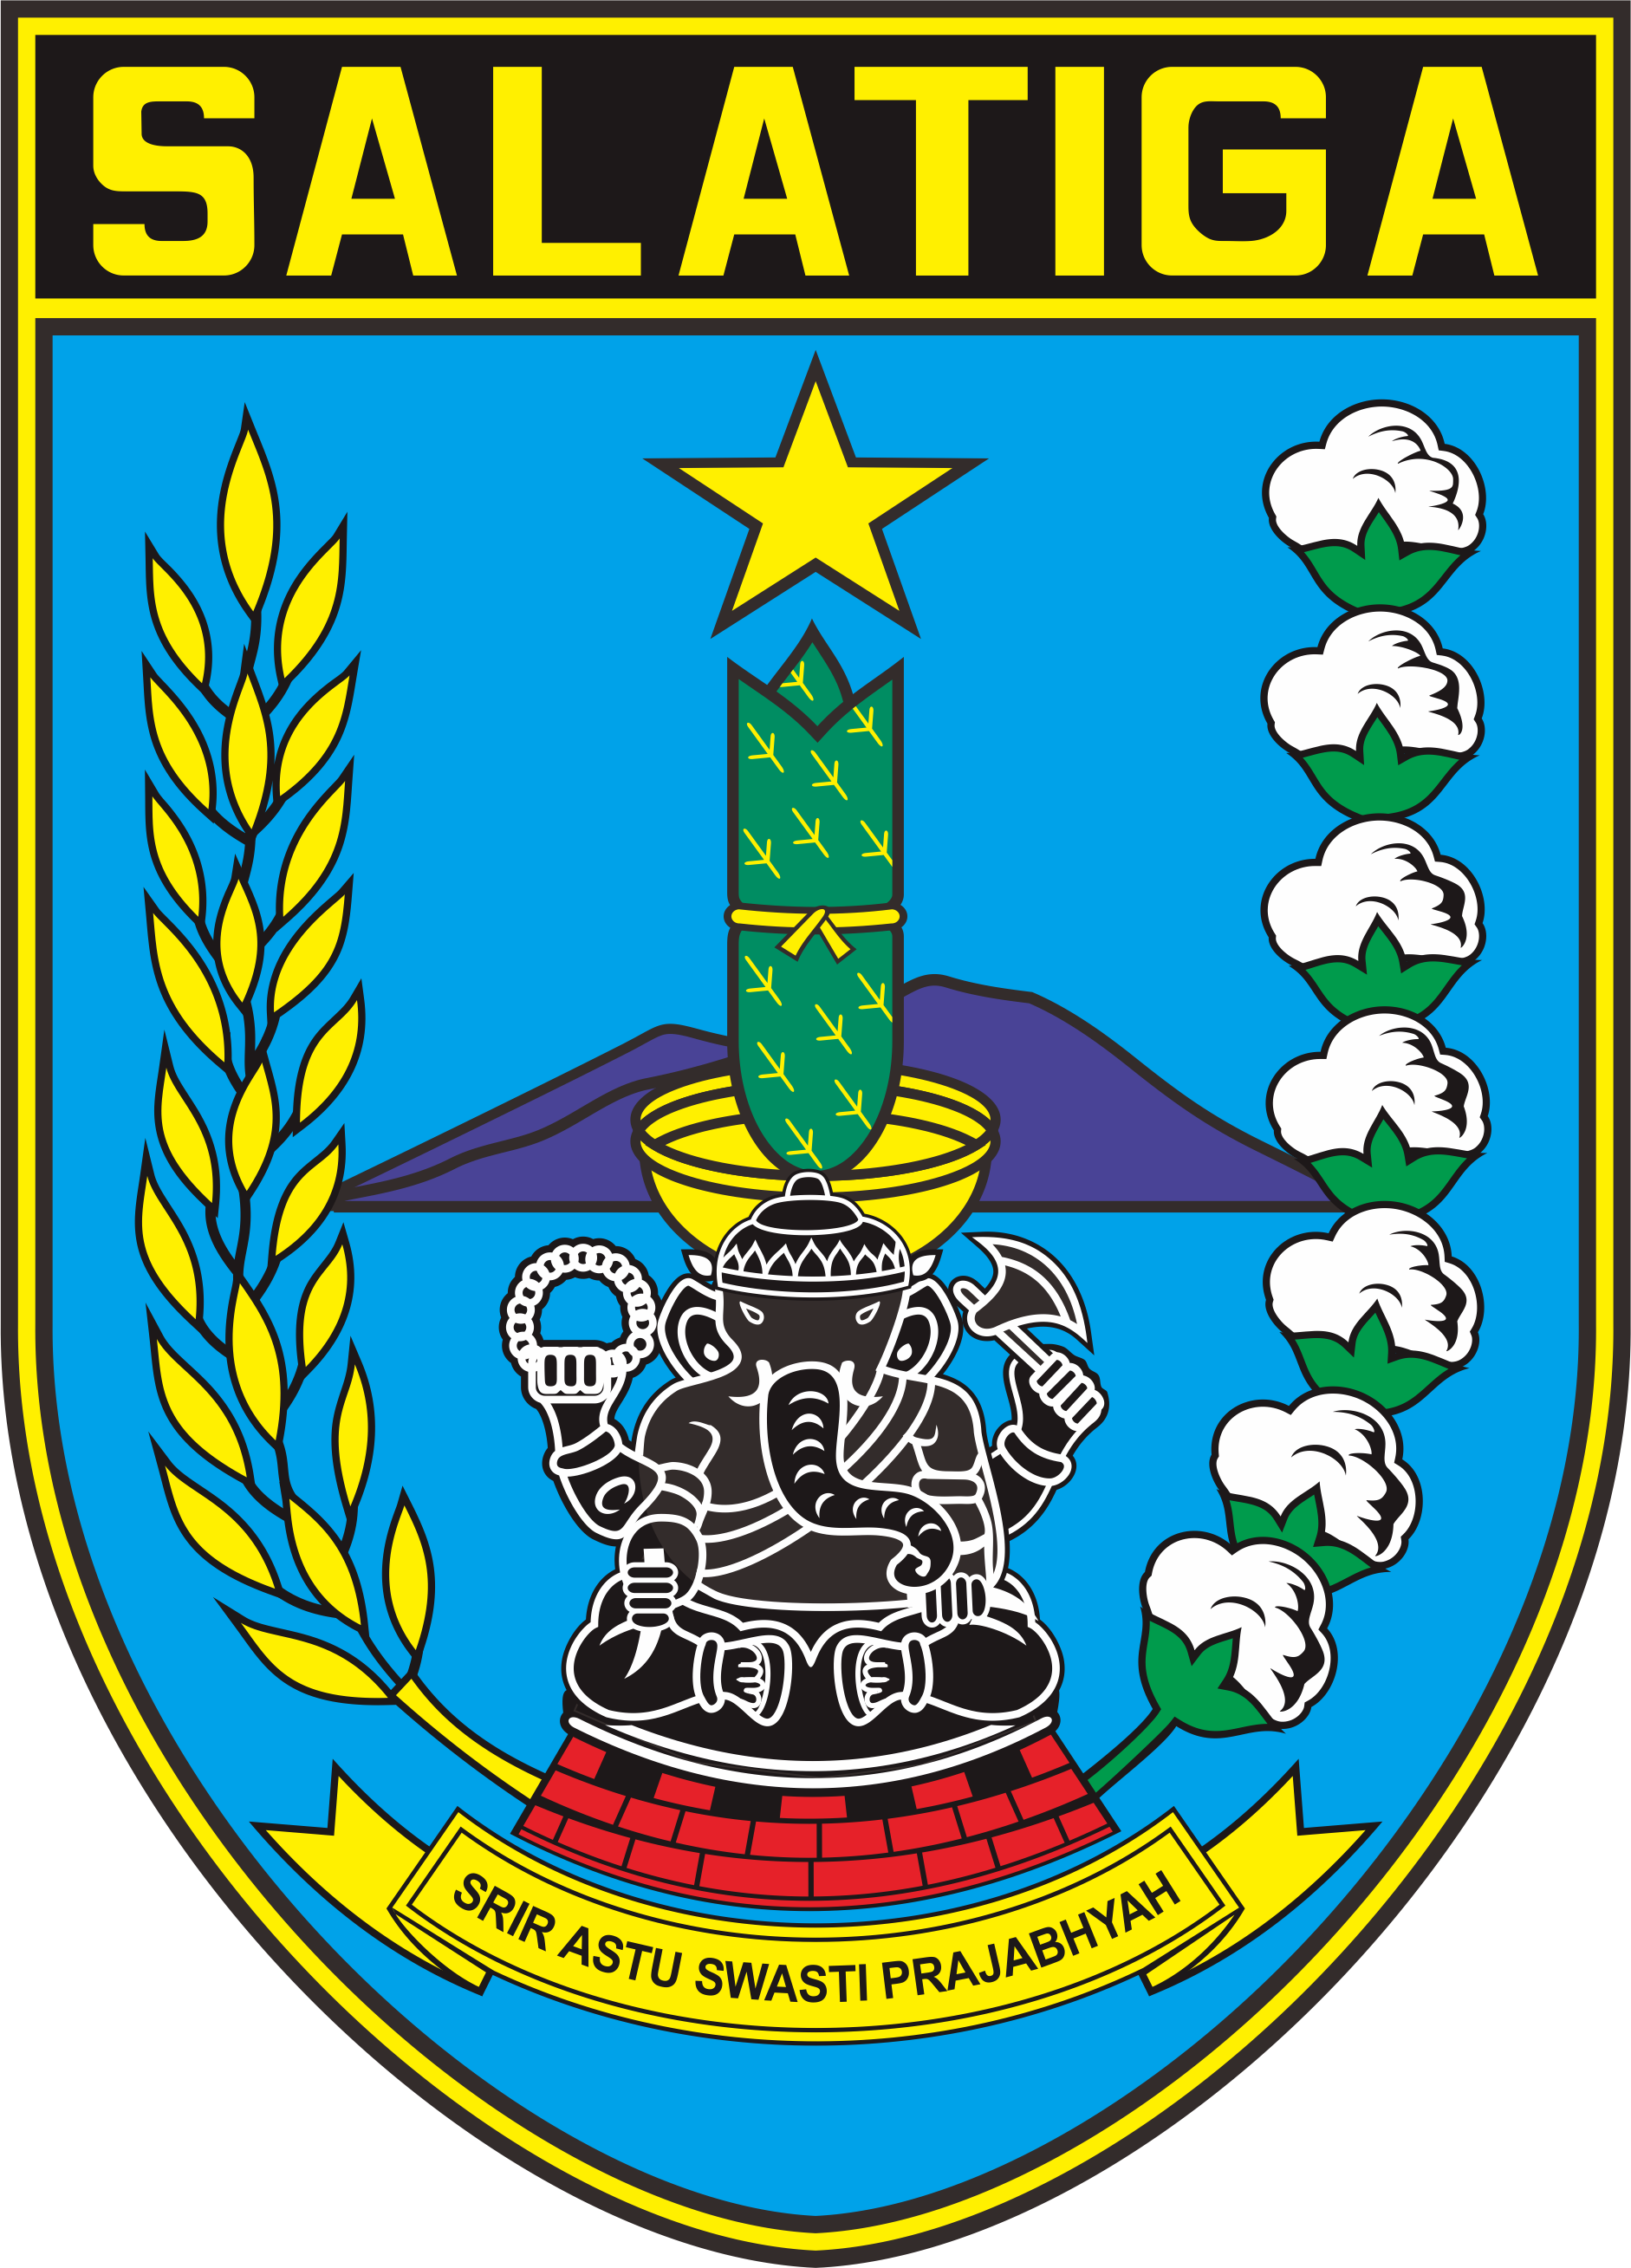 Berkas Lambang Kota Salatiga Png Wikipedia Bahasa Indonesia Ensiklopedia Bebas